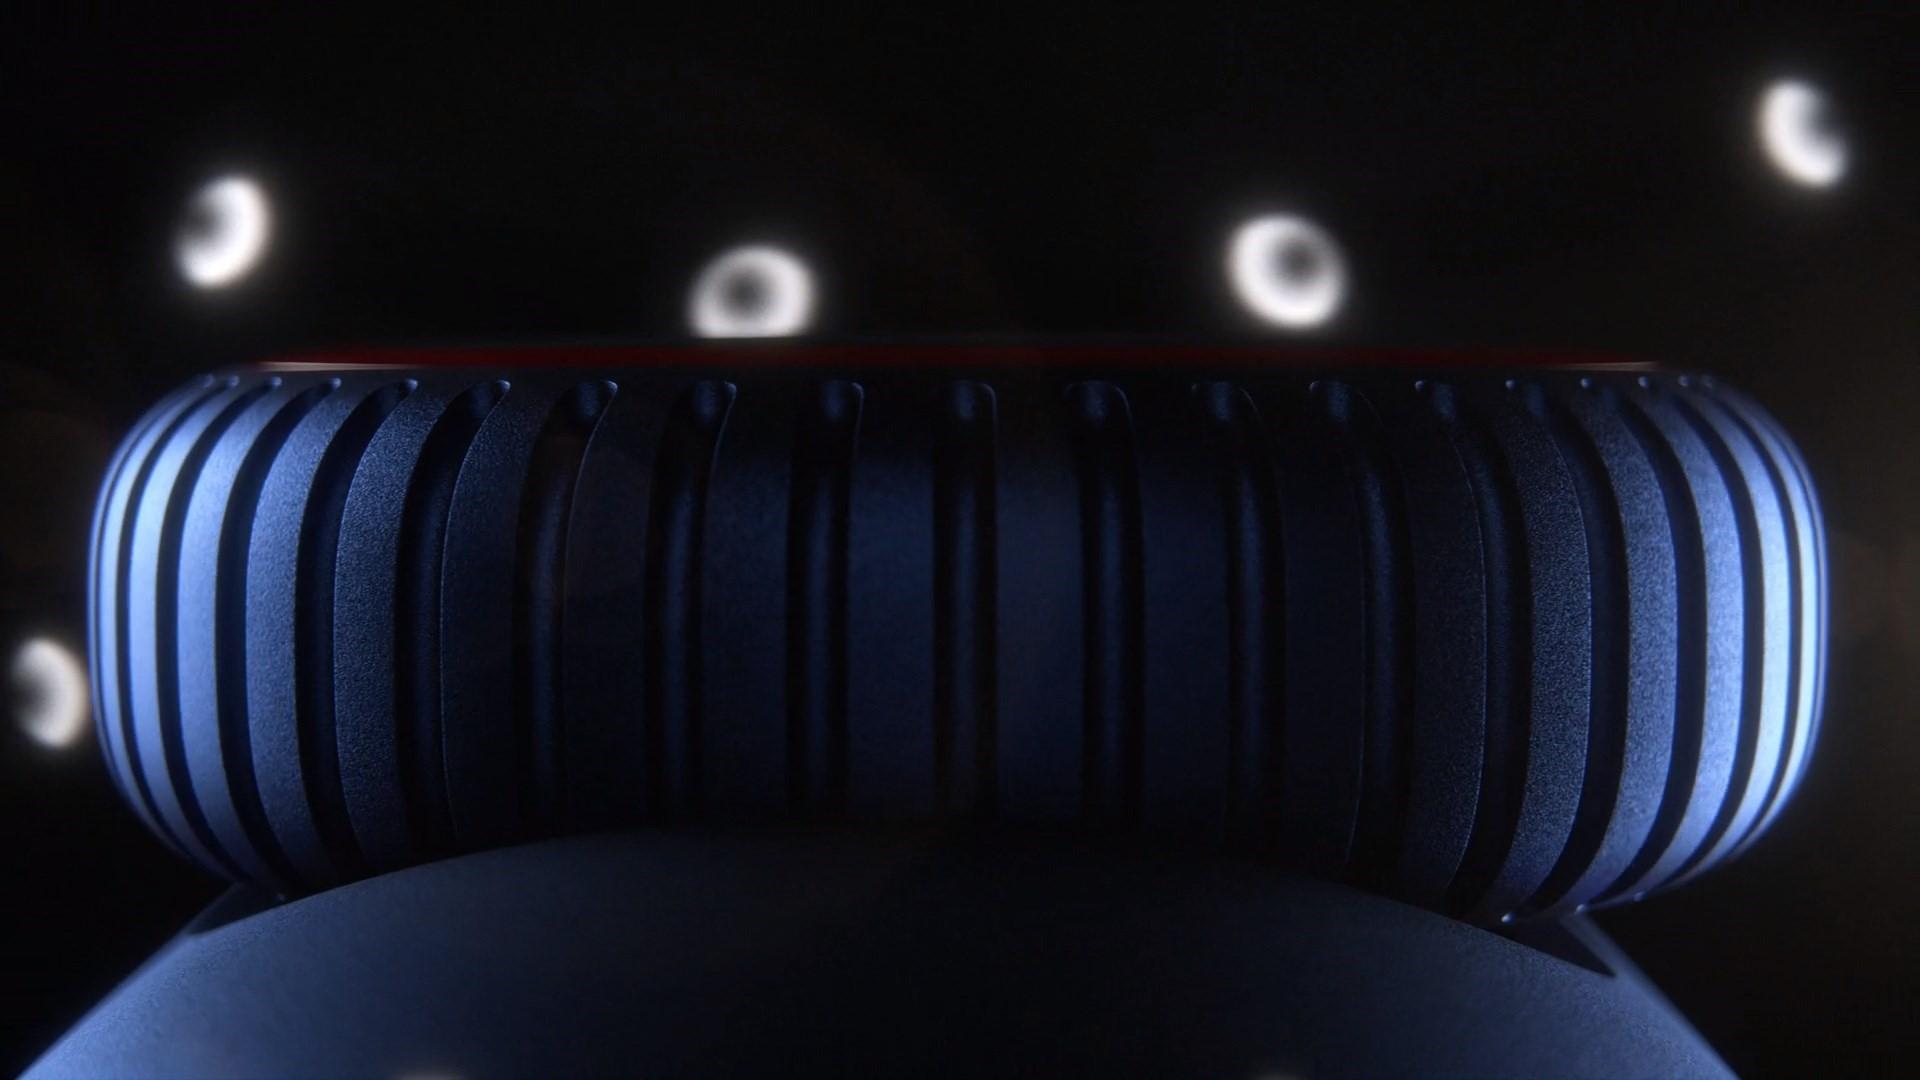 Cận cảnh Apple Watch Series 6: Đo được nồng độ oxy trong máu, thêm nhiều màu sắc, giá từ 9 triệu đồng - Ảnh 6.